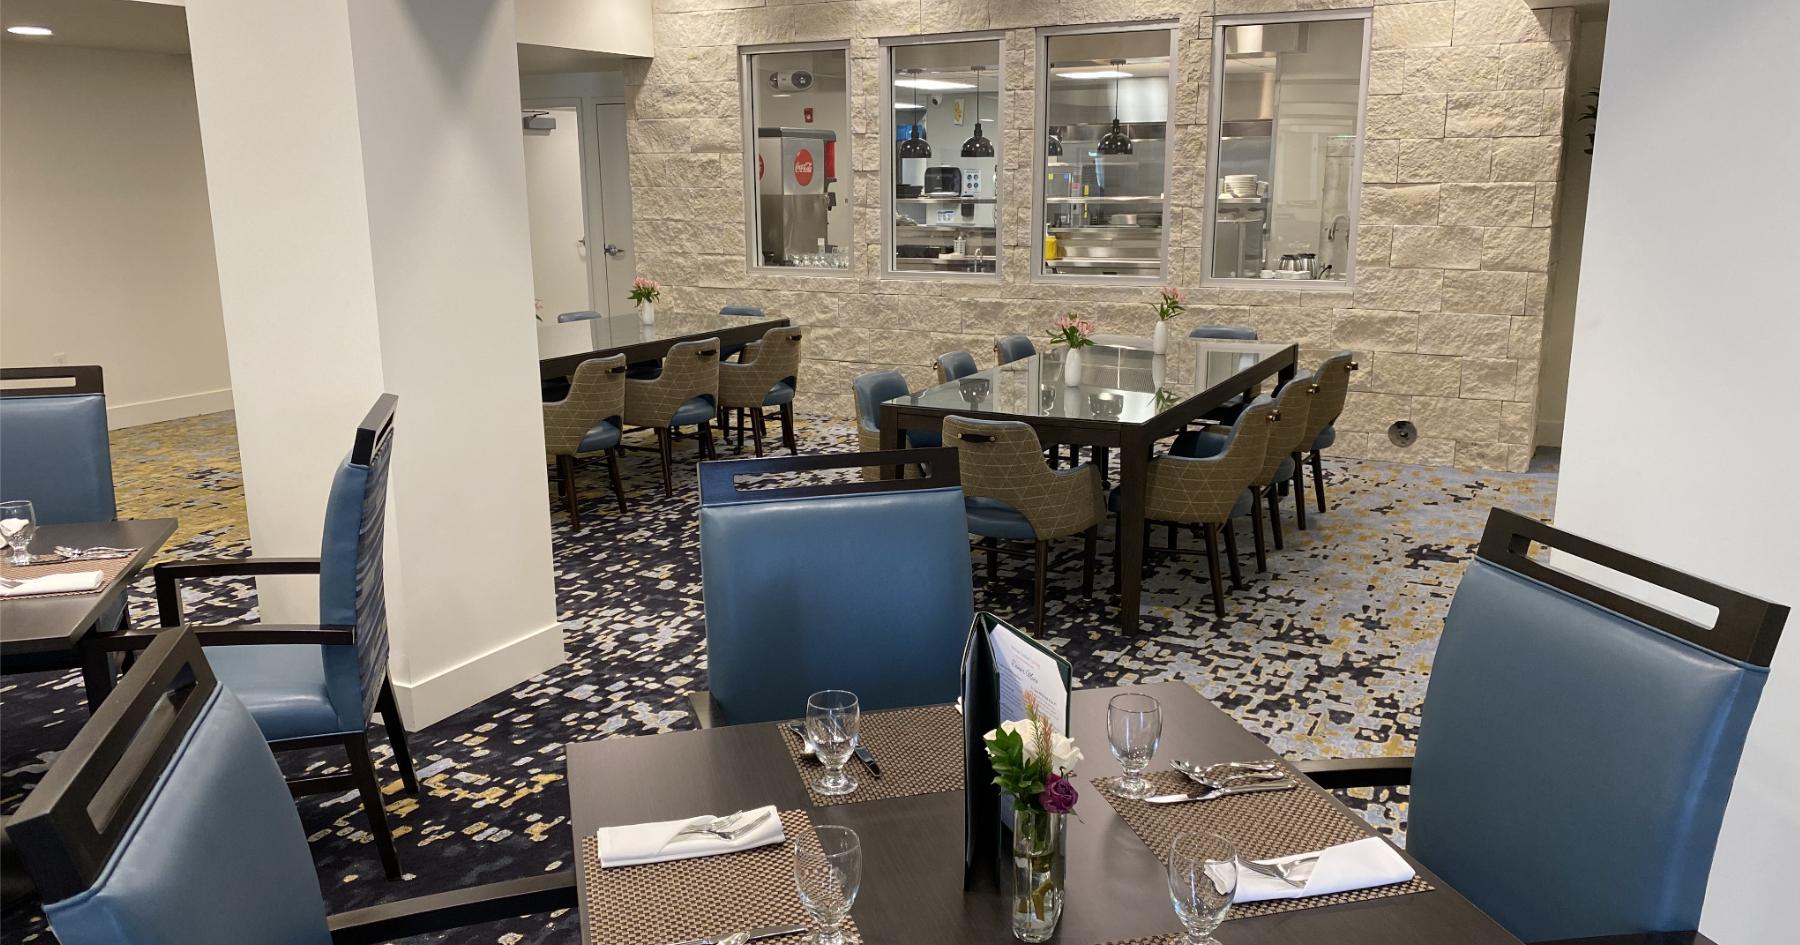 The dining room at Sonrisa Senior Living